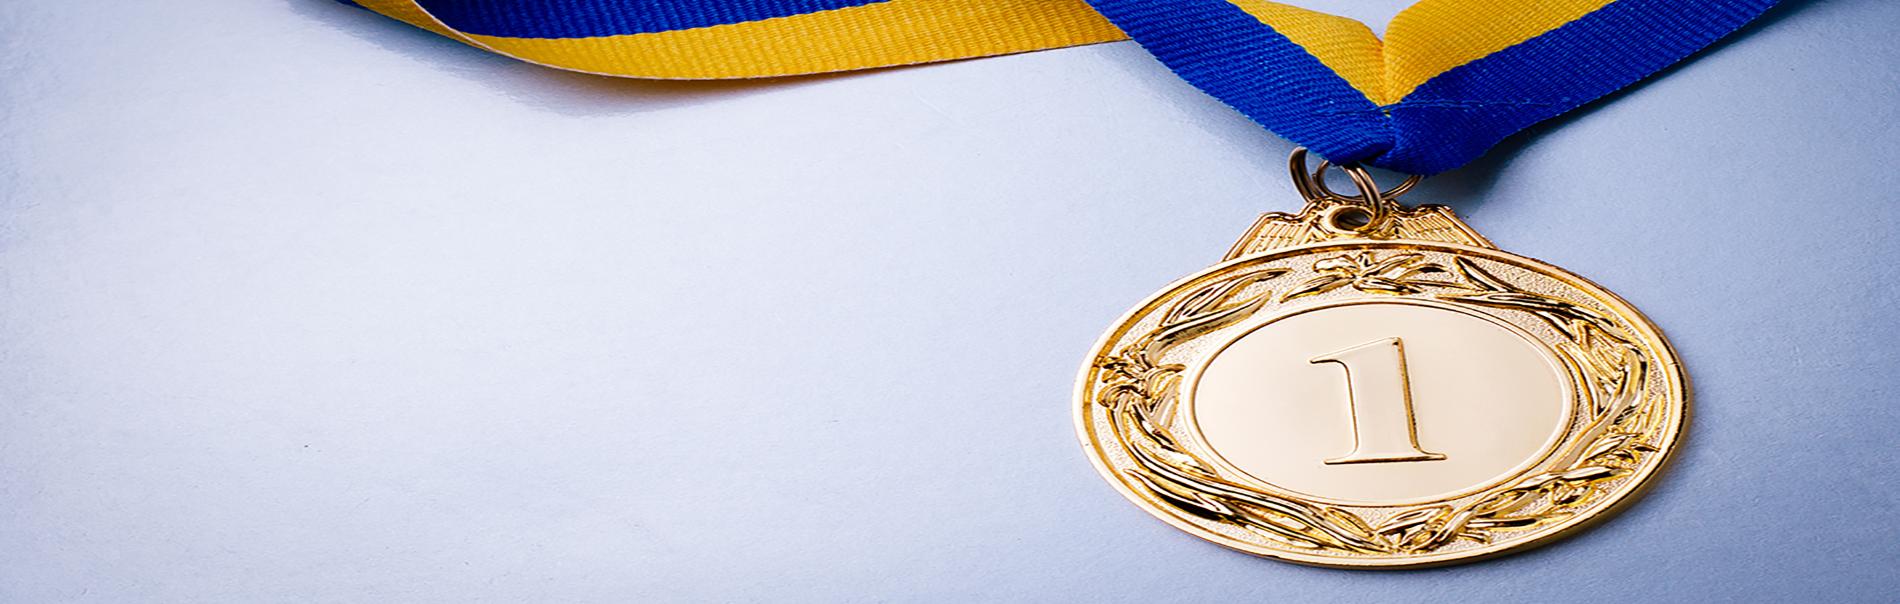 MetroBoard Awarded YNPN Chicago's Associate Board of the Year Award